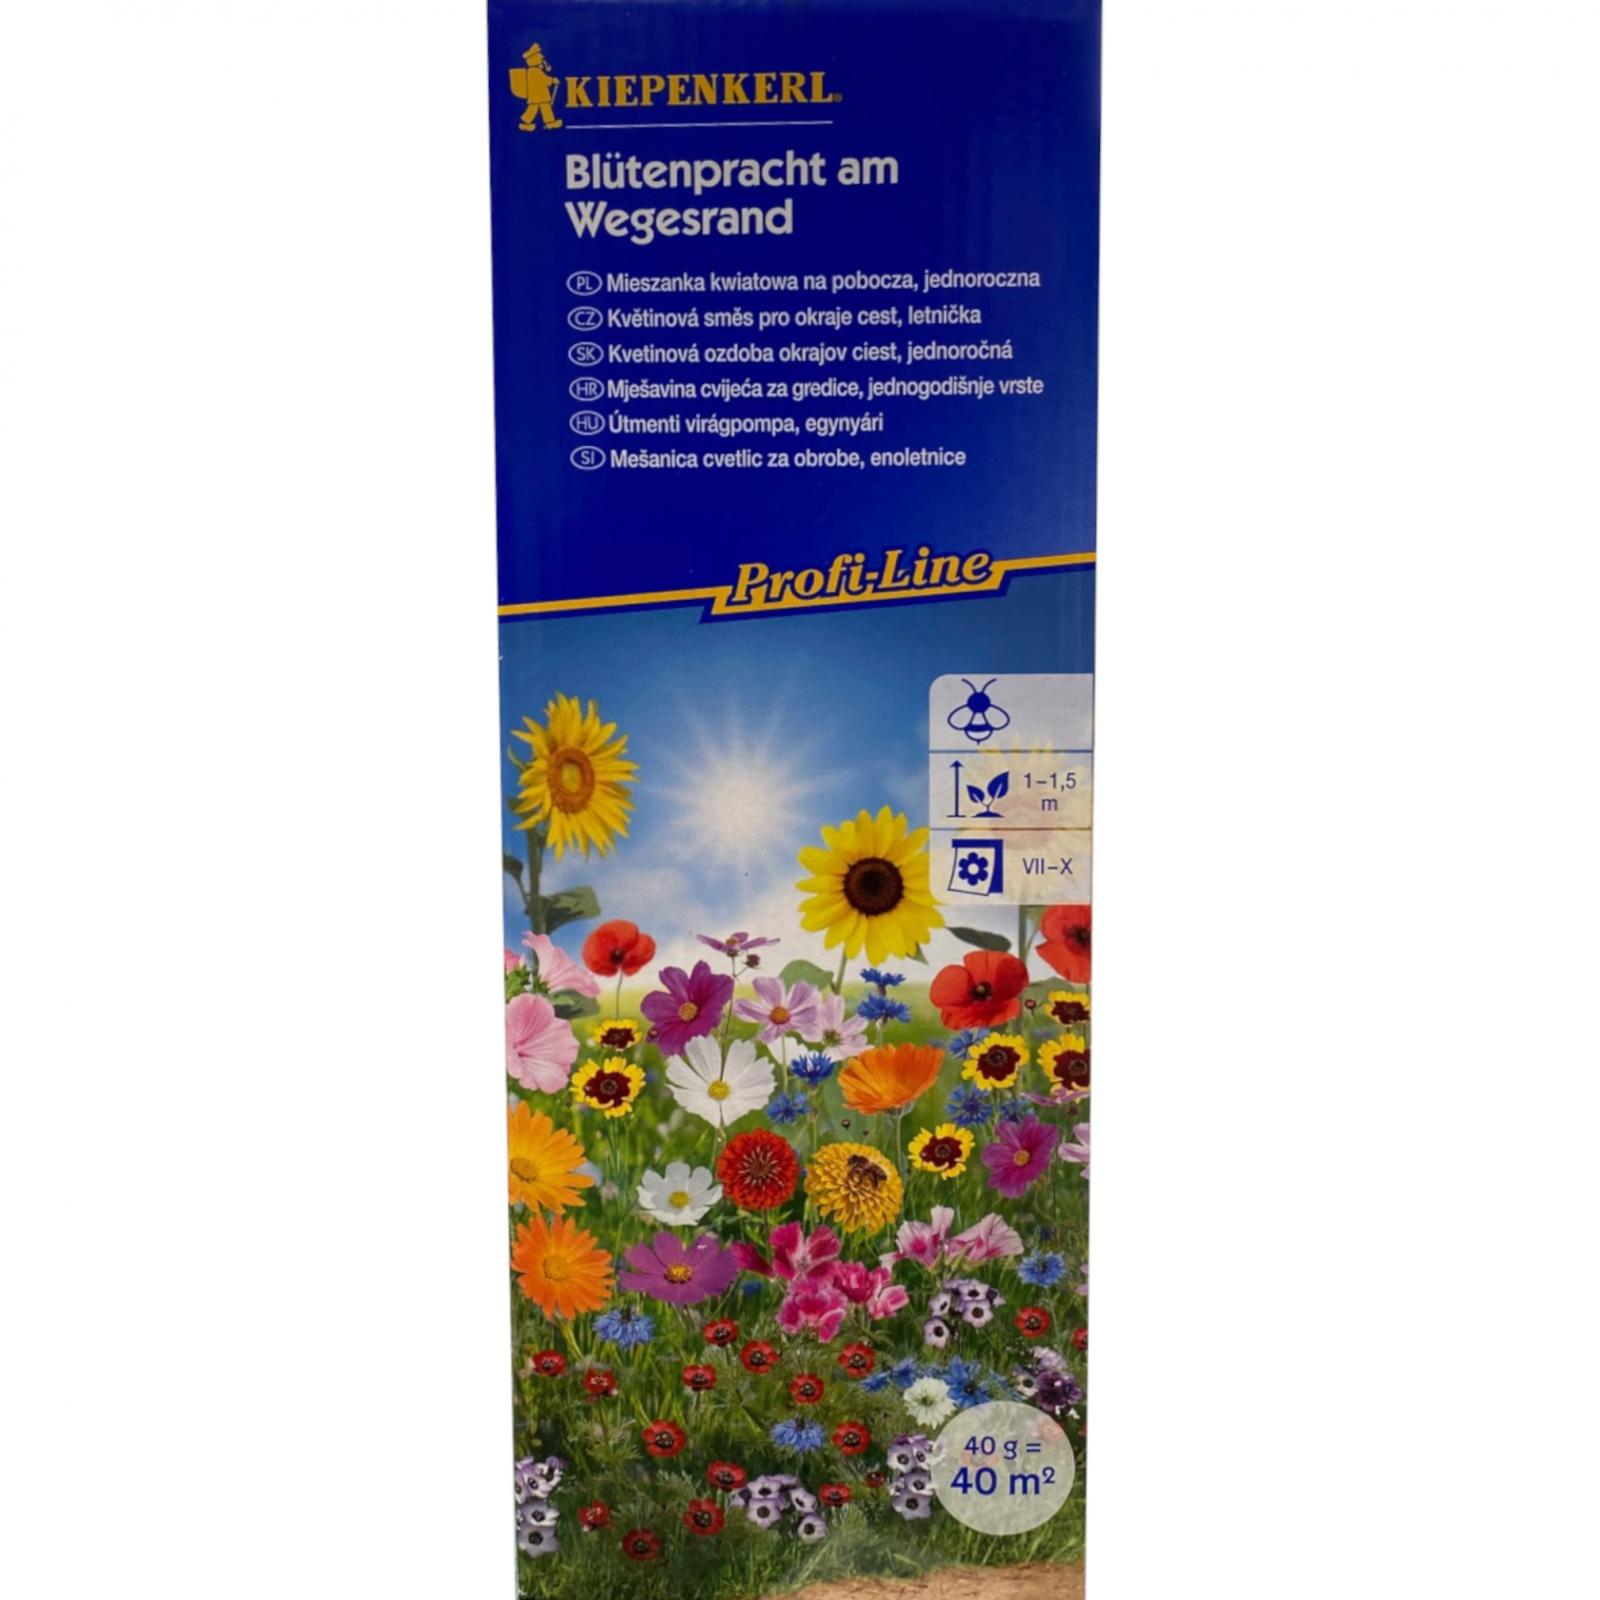 Květinová směs pro okraje cest